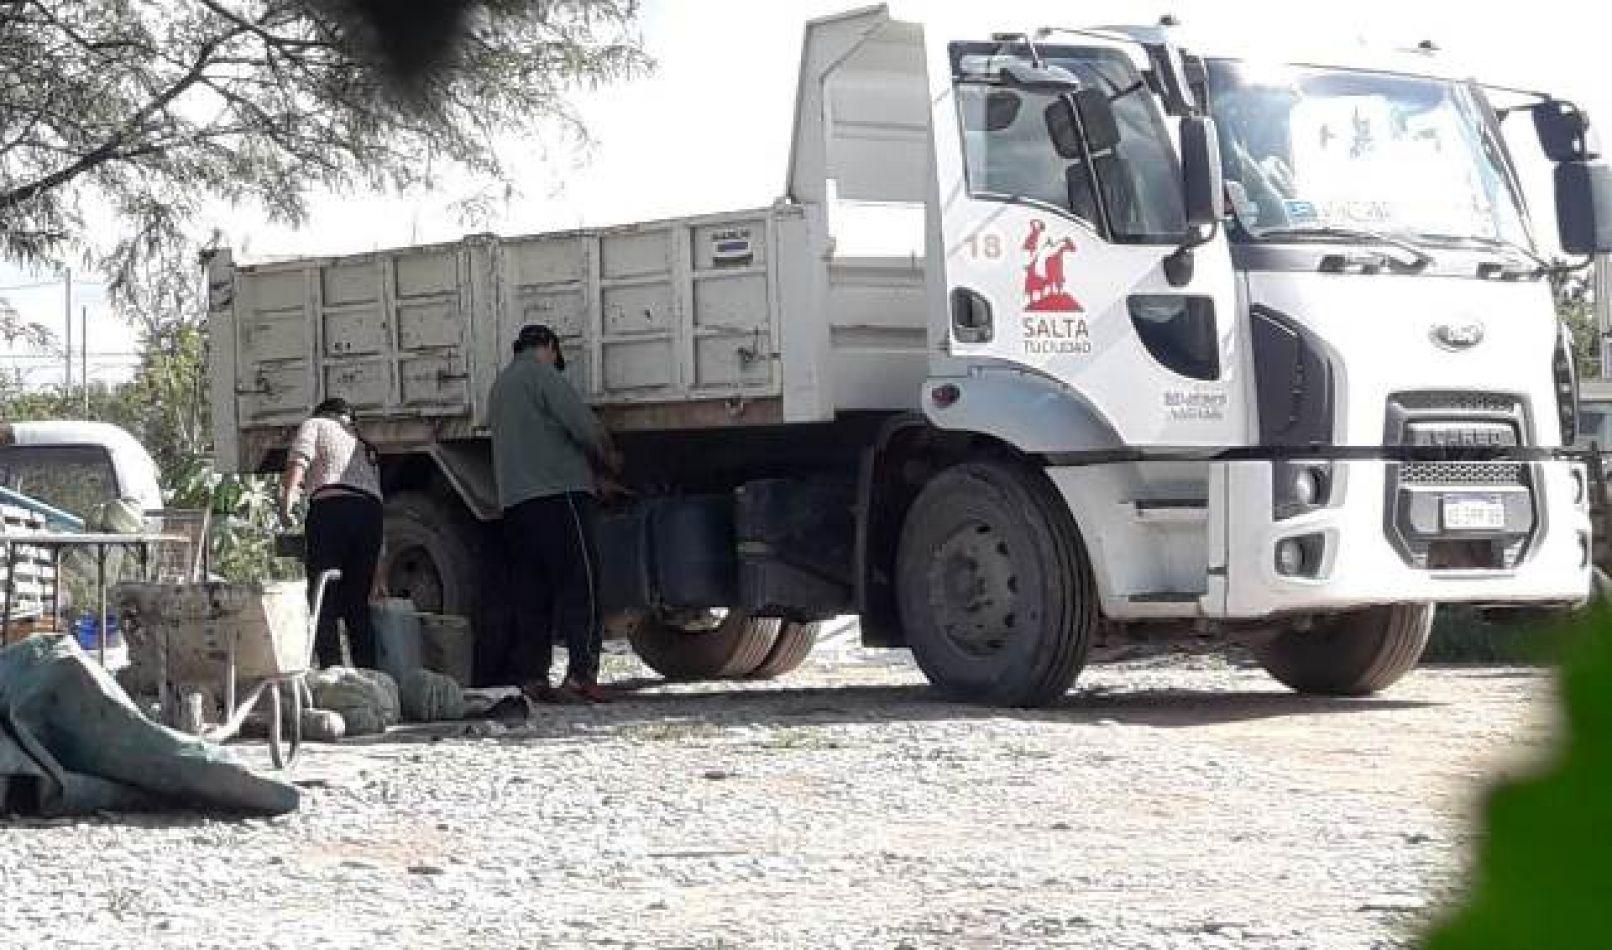 Múltiples allanamientos y detenciones por robo de combustible a la Municipalidad de Salta